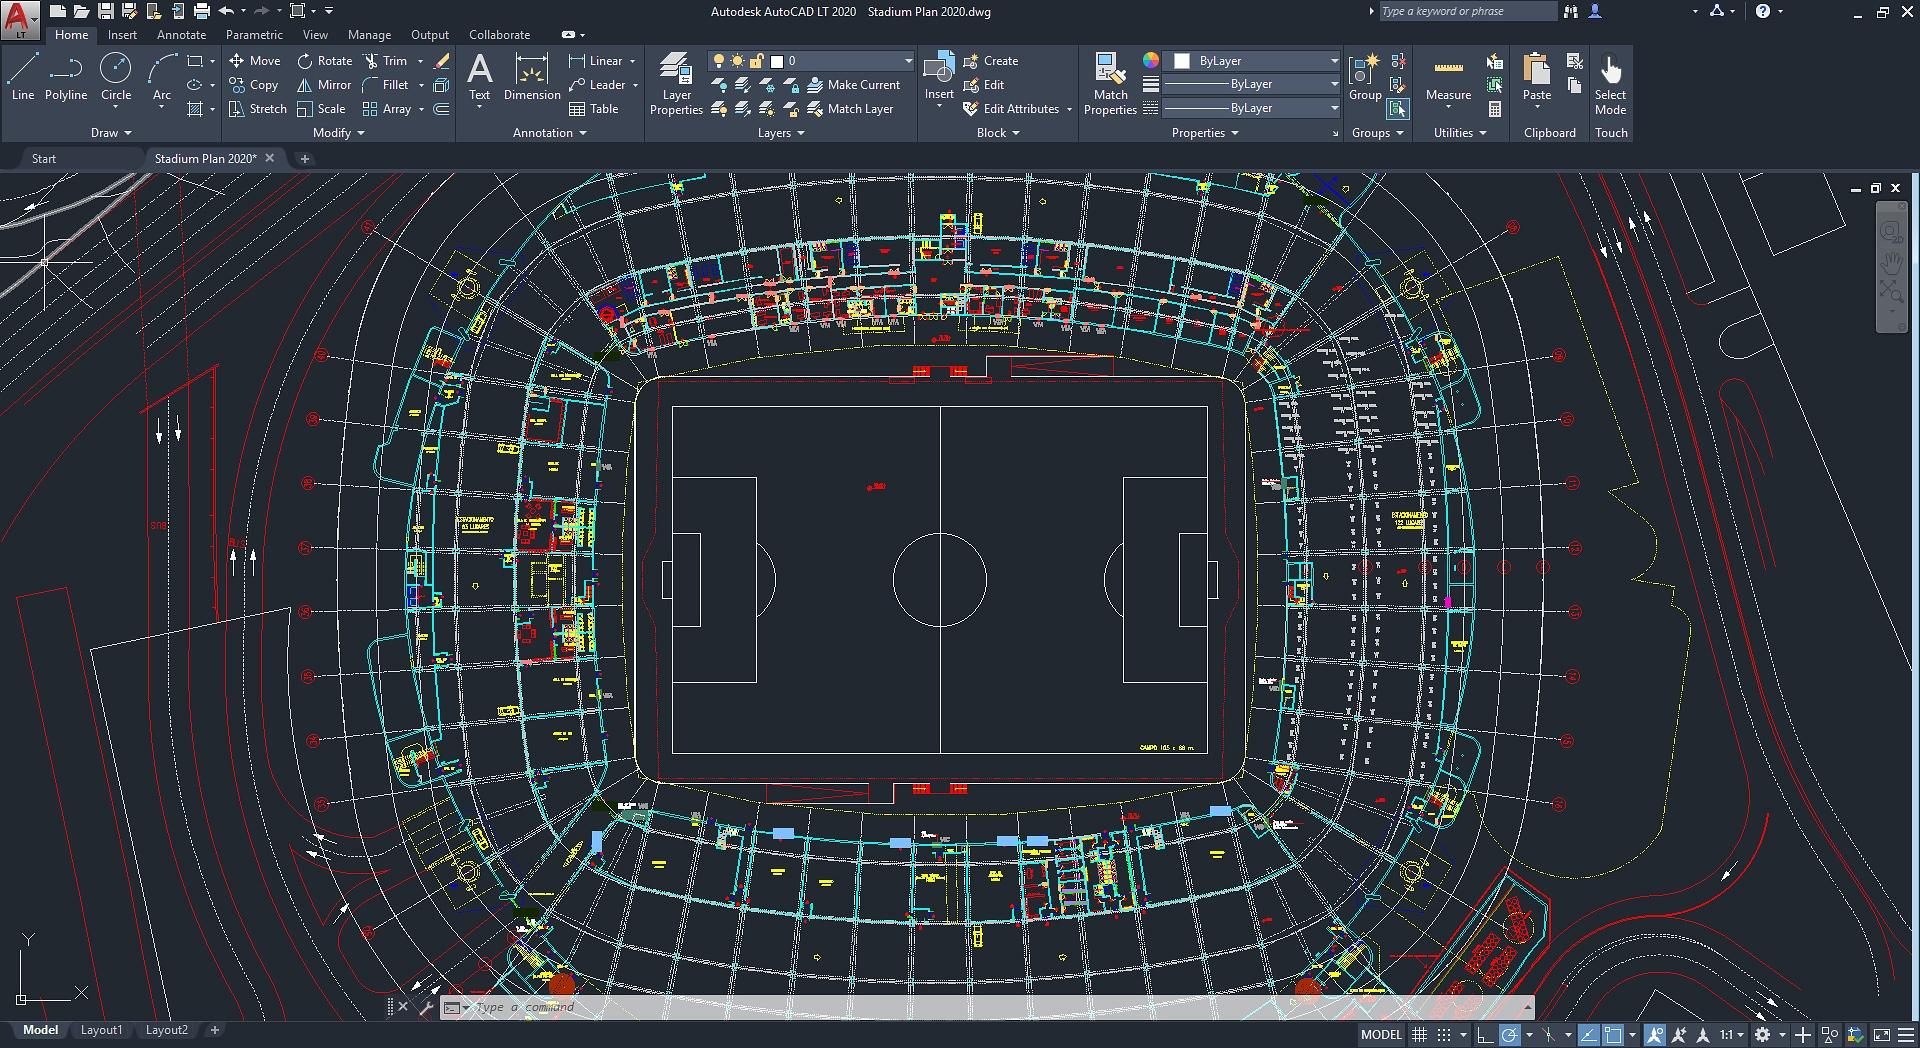 優れた操作性と効率性を兼ね備え、高精度な 2D 図面やドキュメント作成に最適なCADソフトウェア